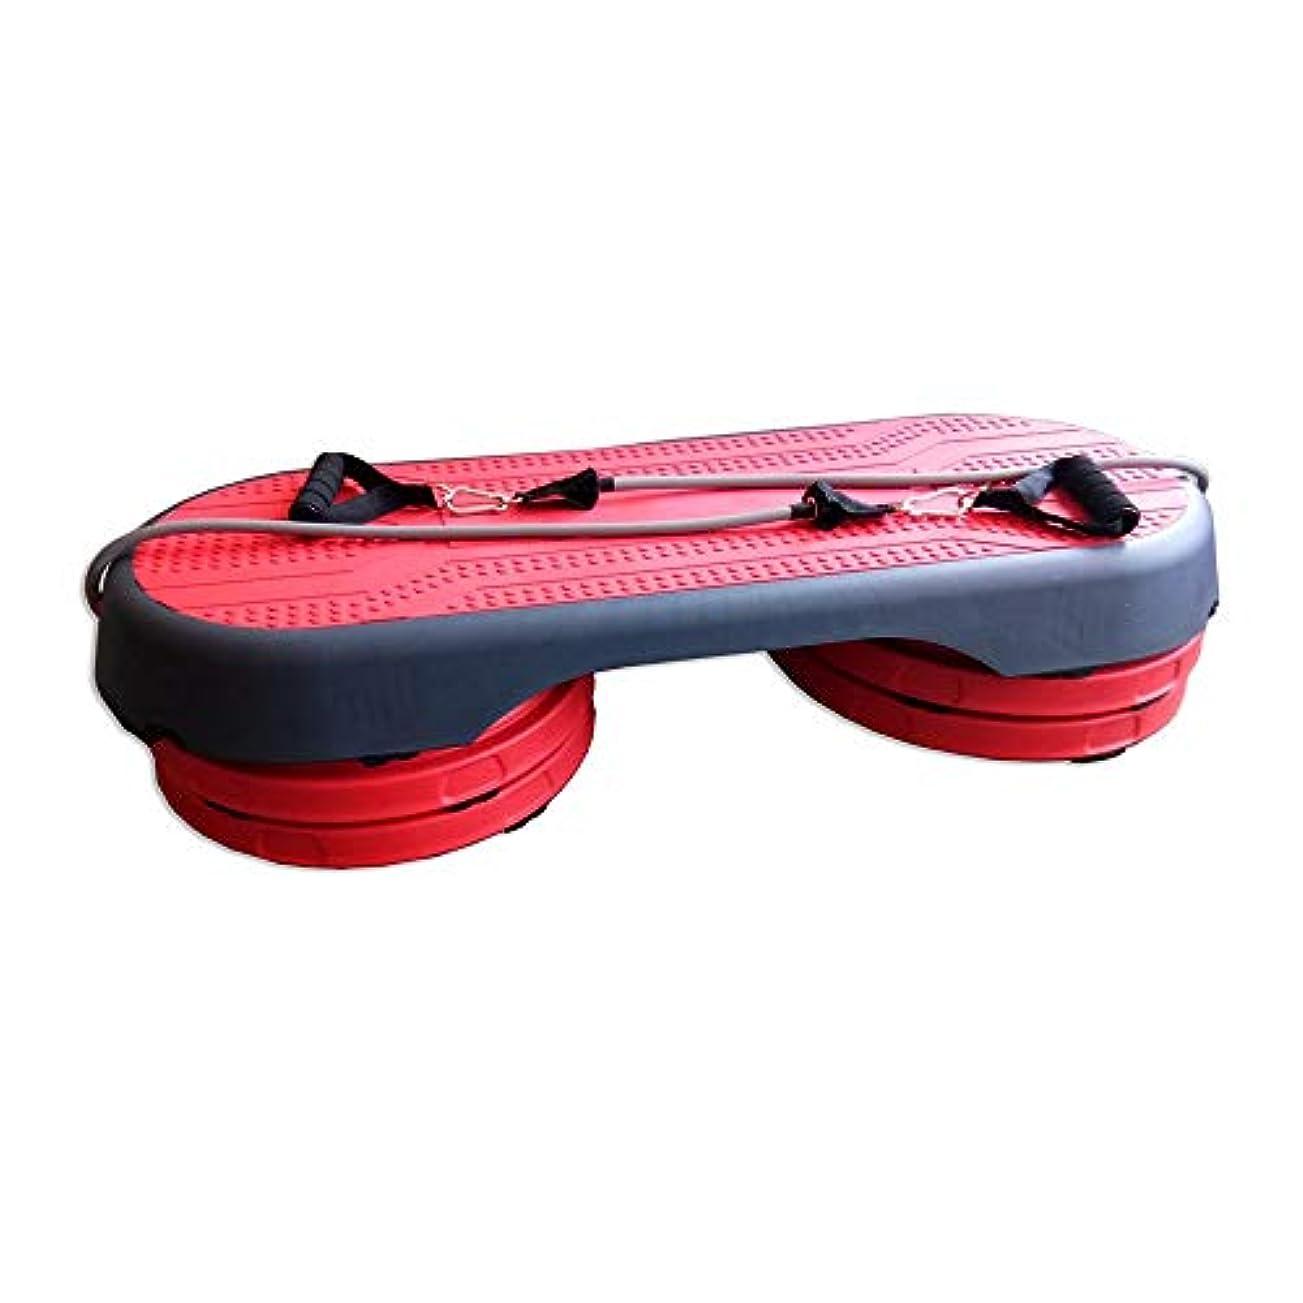 小さい反動学期ステップ台 有酸素運動ステッパー3レベル調節可能なフィットネスワークアウトヨガピラティスホームフィットネスジムのステップライズブロック 軽量で用途が広い (色 : 赤, Size : 107cm)